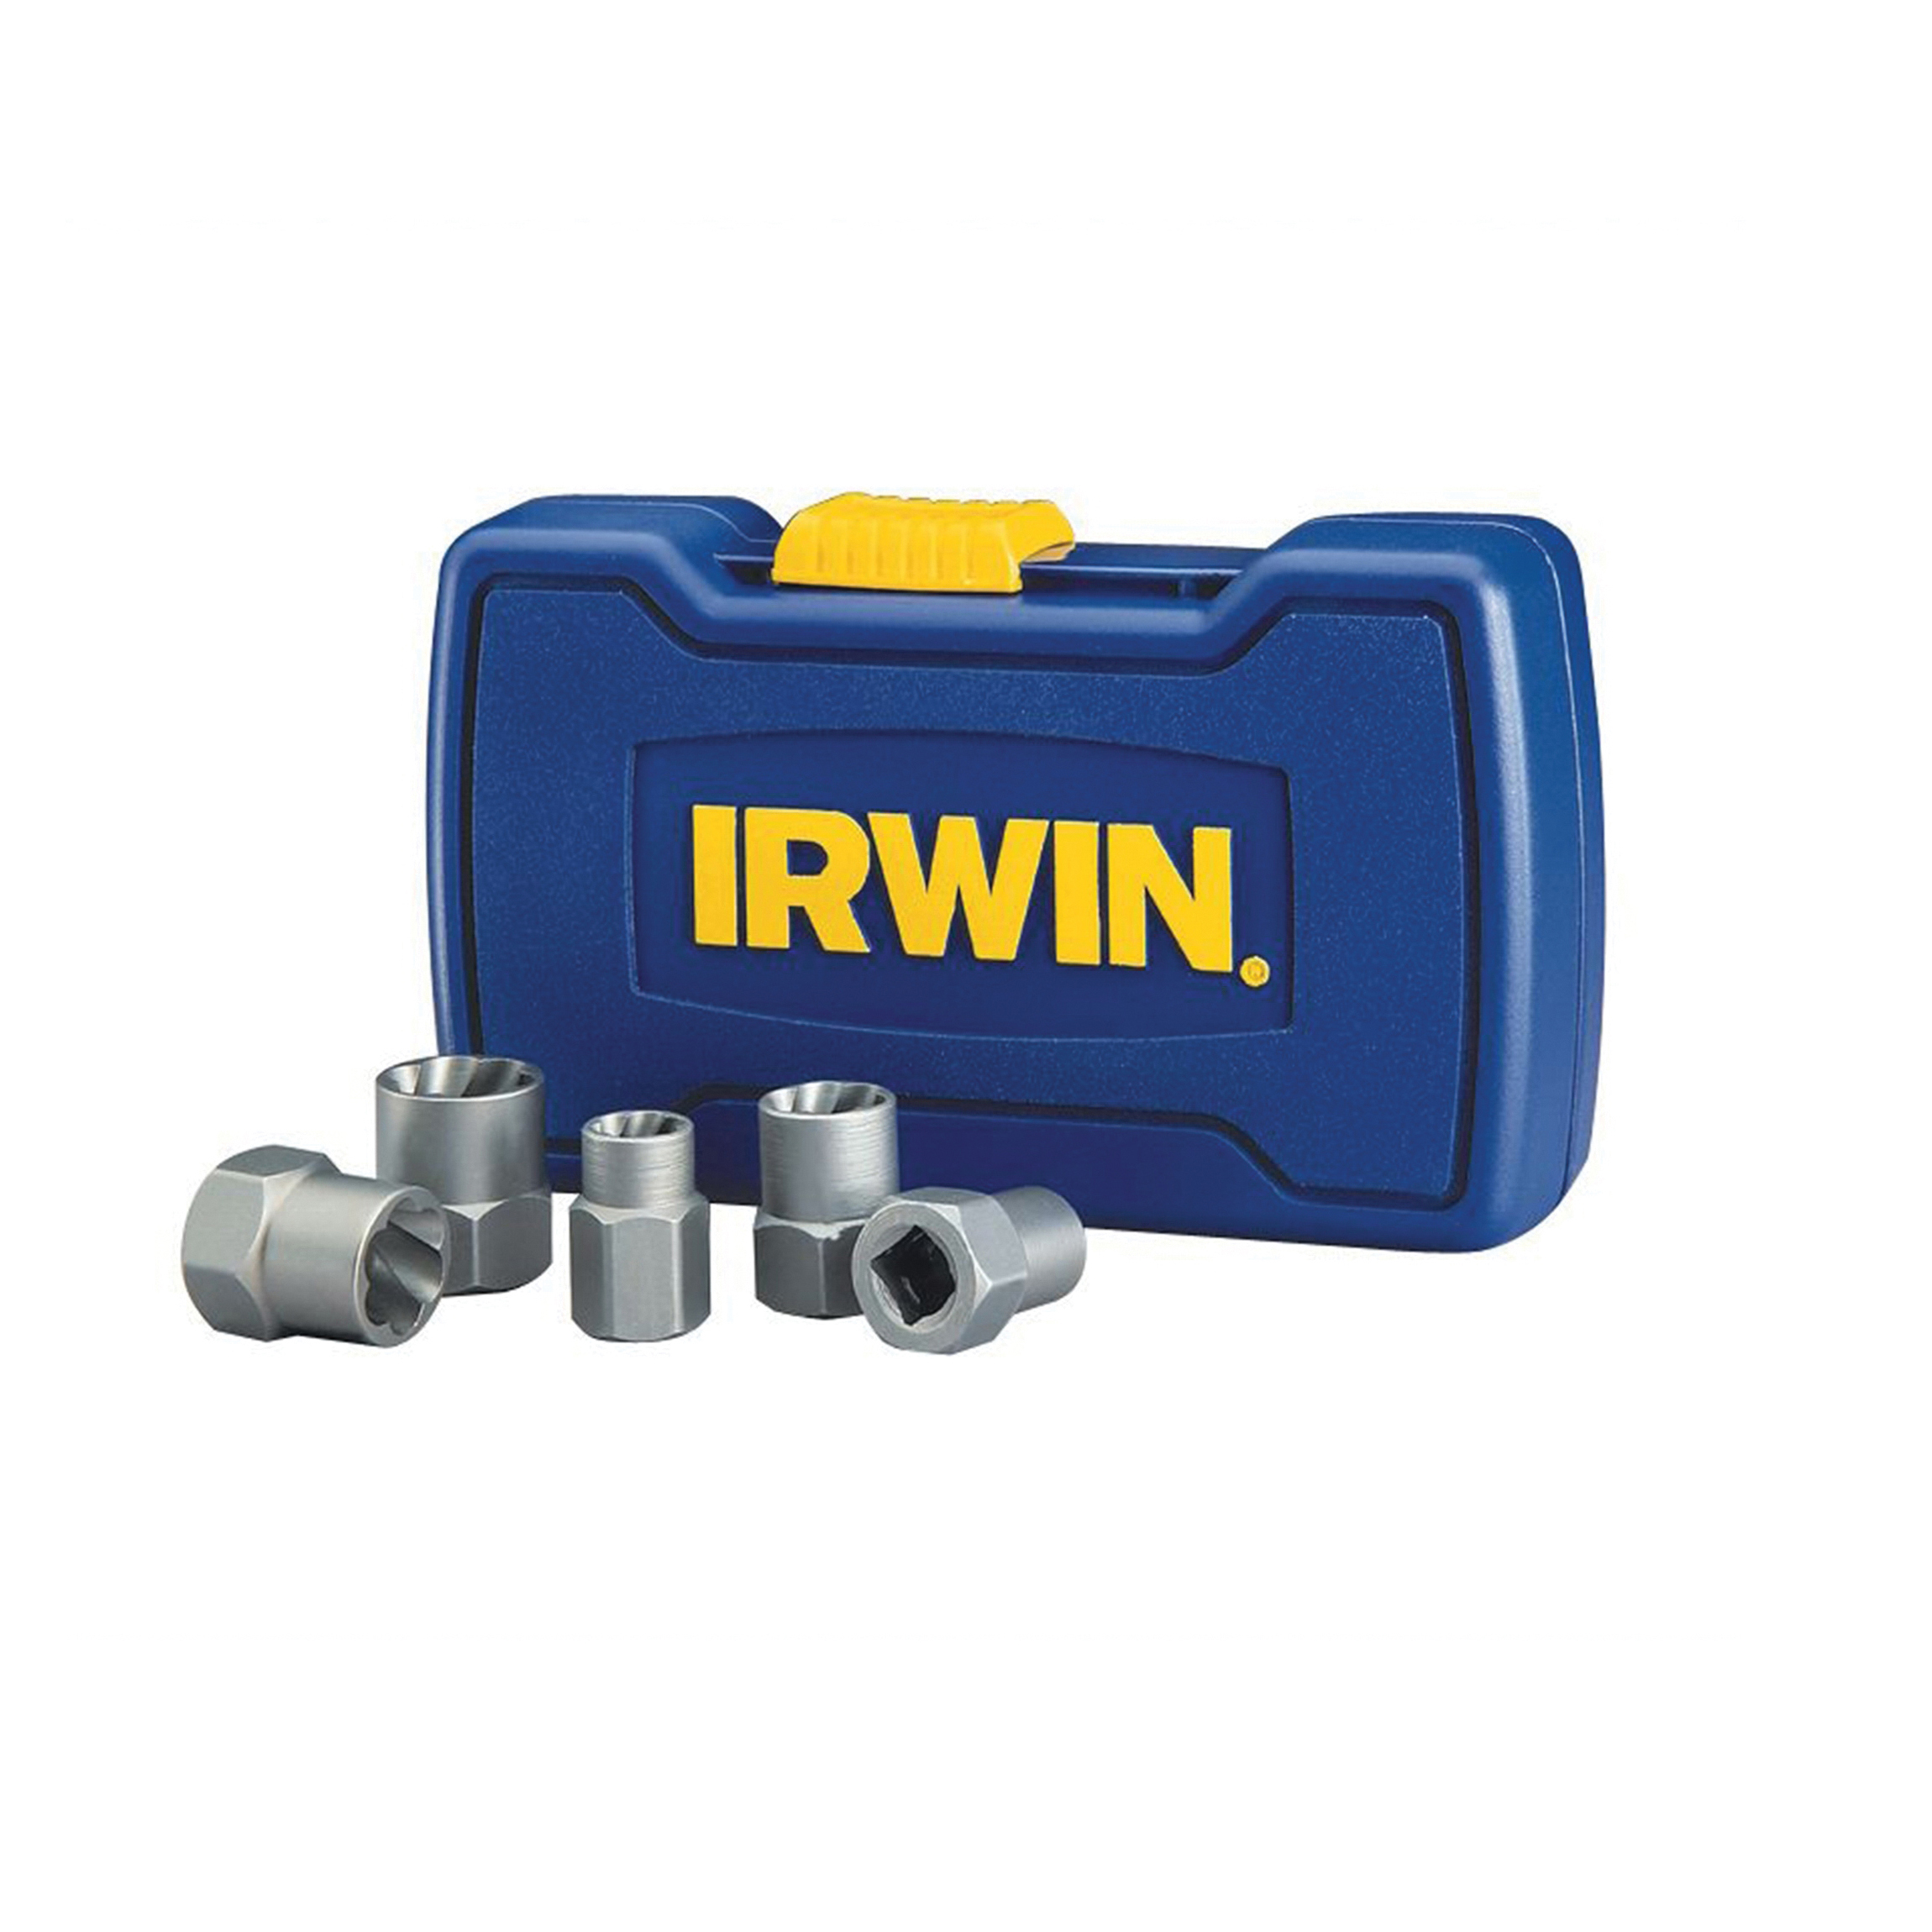 Irwin® Hanson® 3840 Adjustable Round Screw Die, Imperial, 7/16-20 UNF Thread, 1 in OD Die, High Carbon Steel